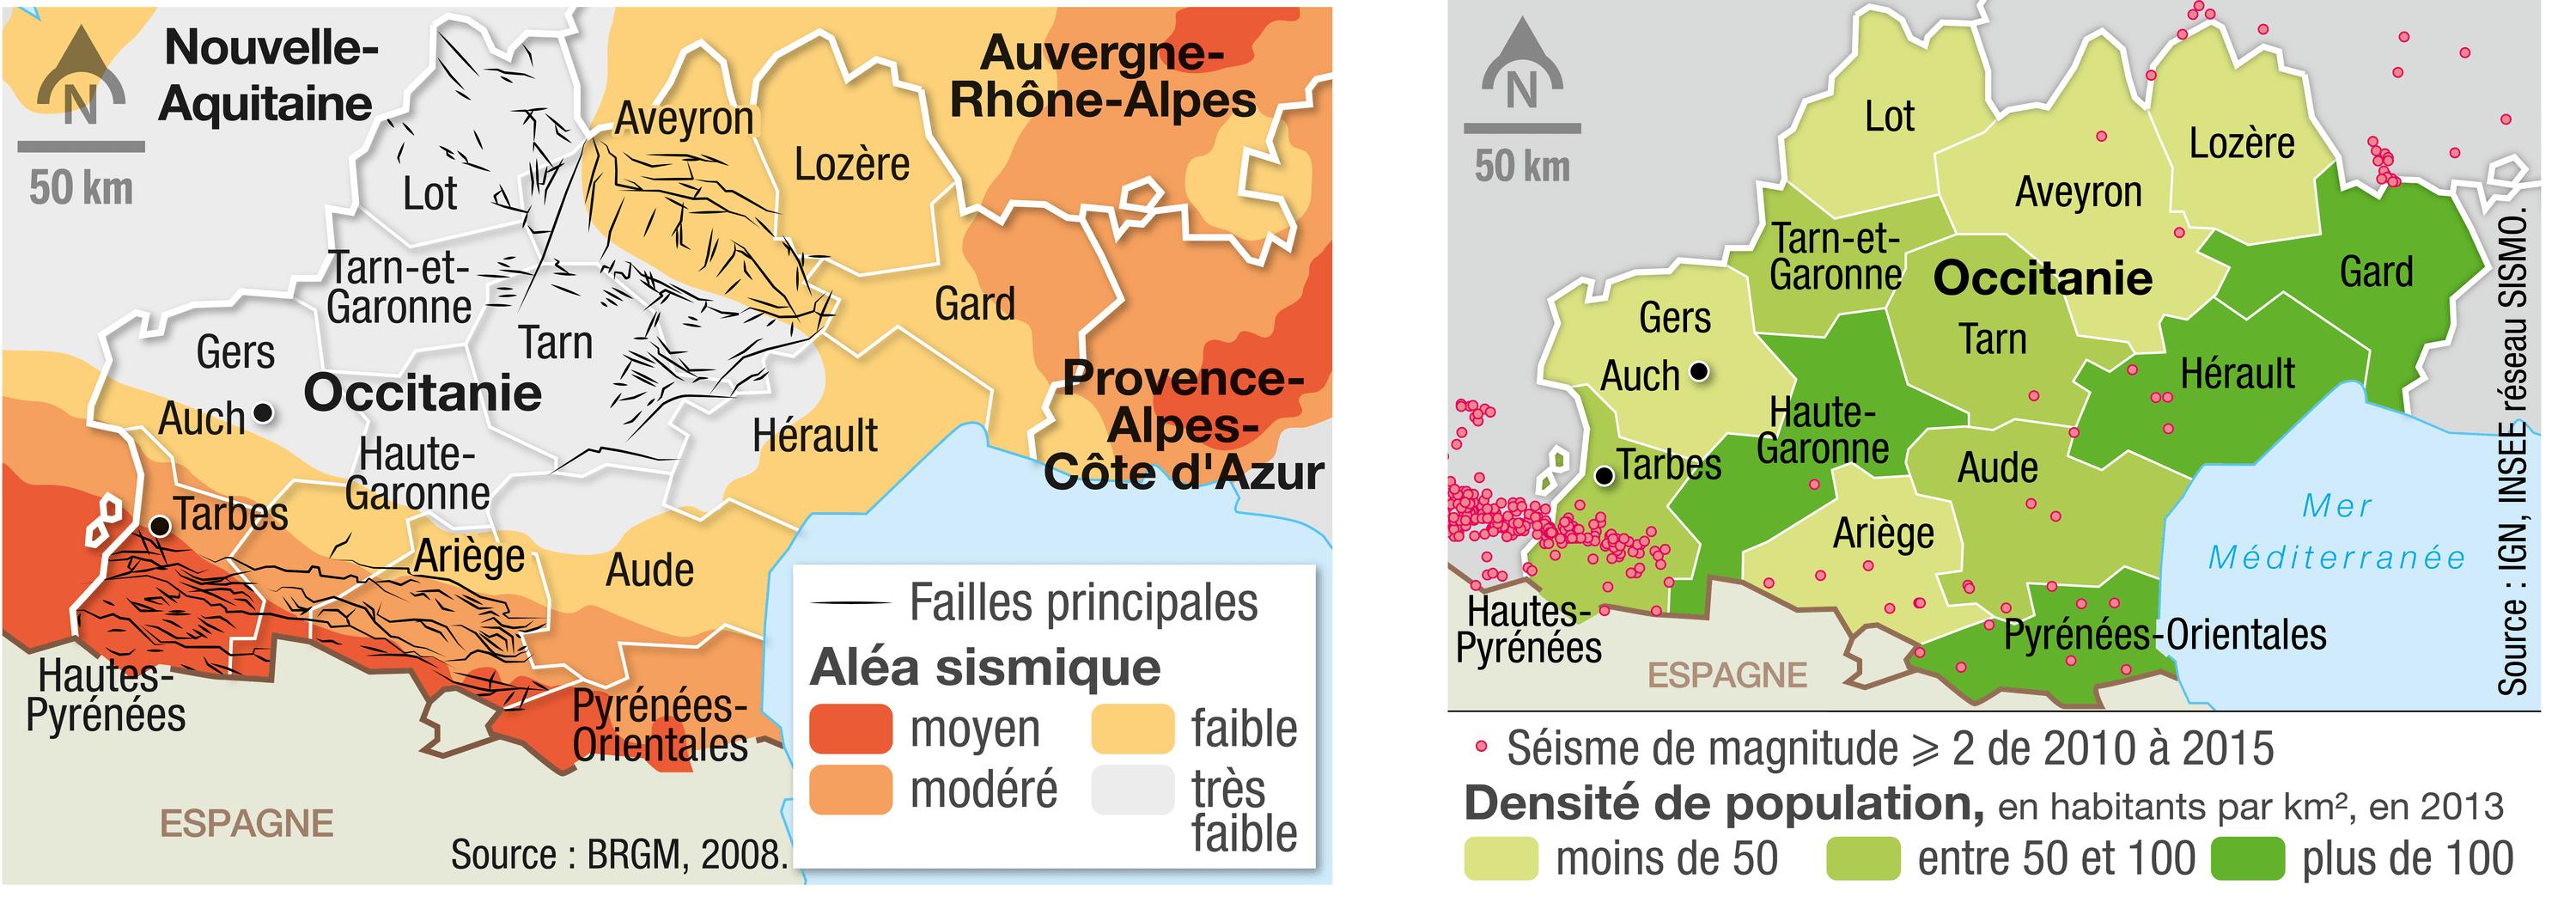 Les cartes des aléas sismiques et de la densité de population en Occitanie.